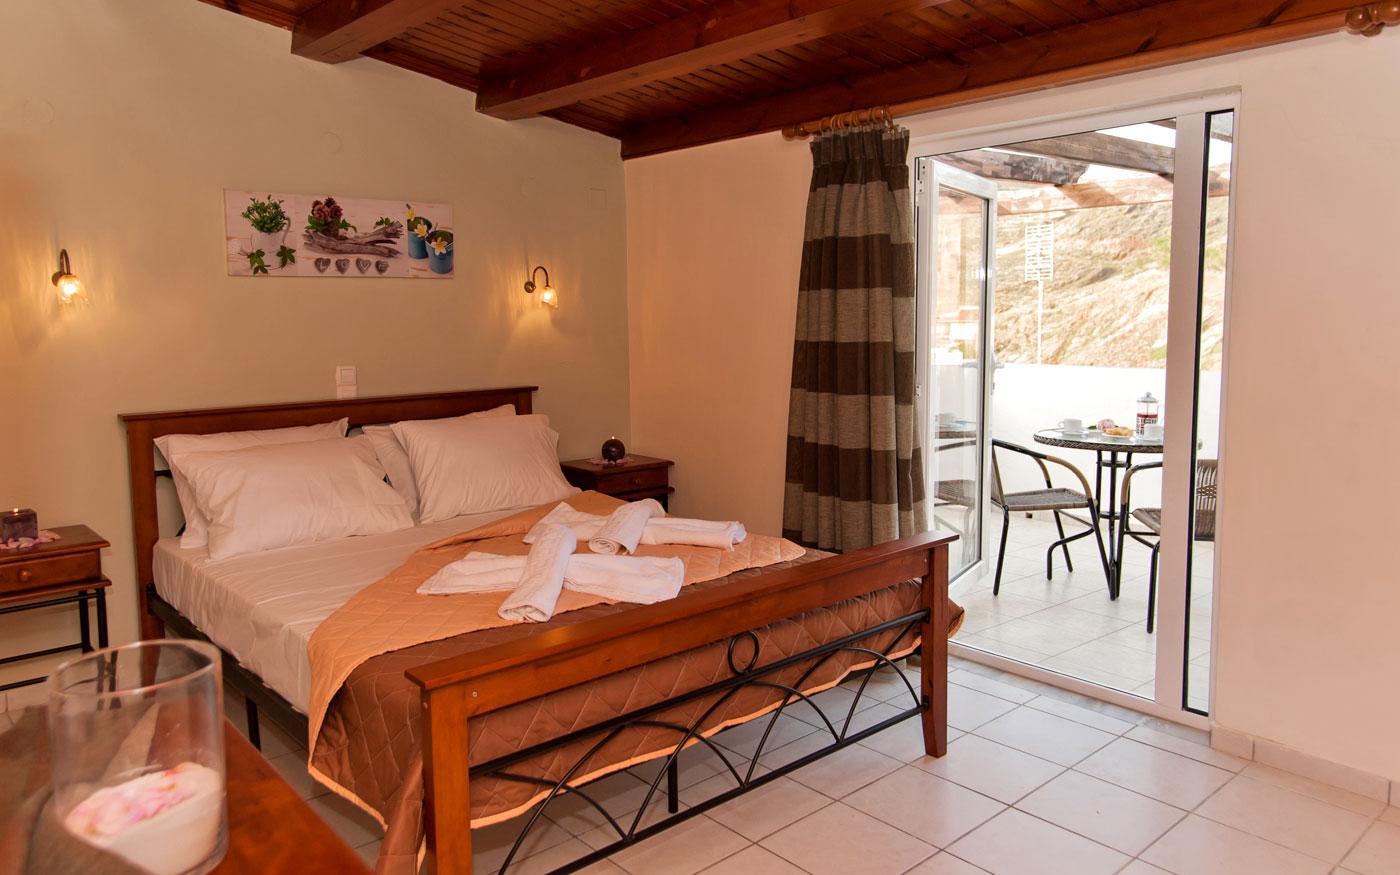 Castelo apartments a panormo rethymno for Piani di una camera per gli ospiti